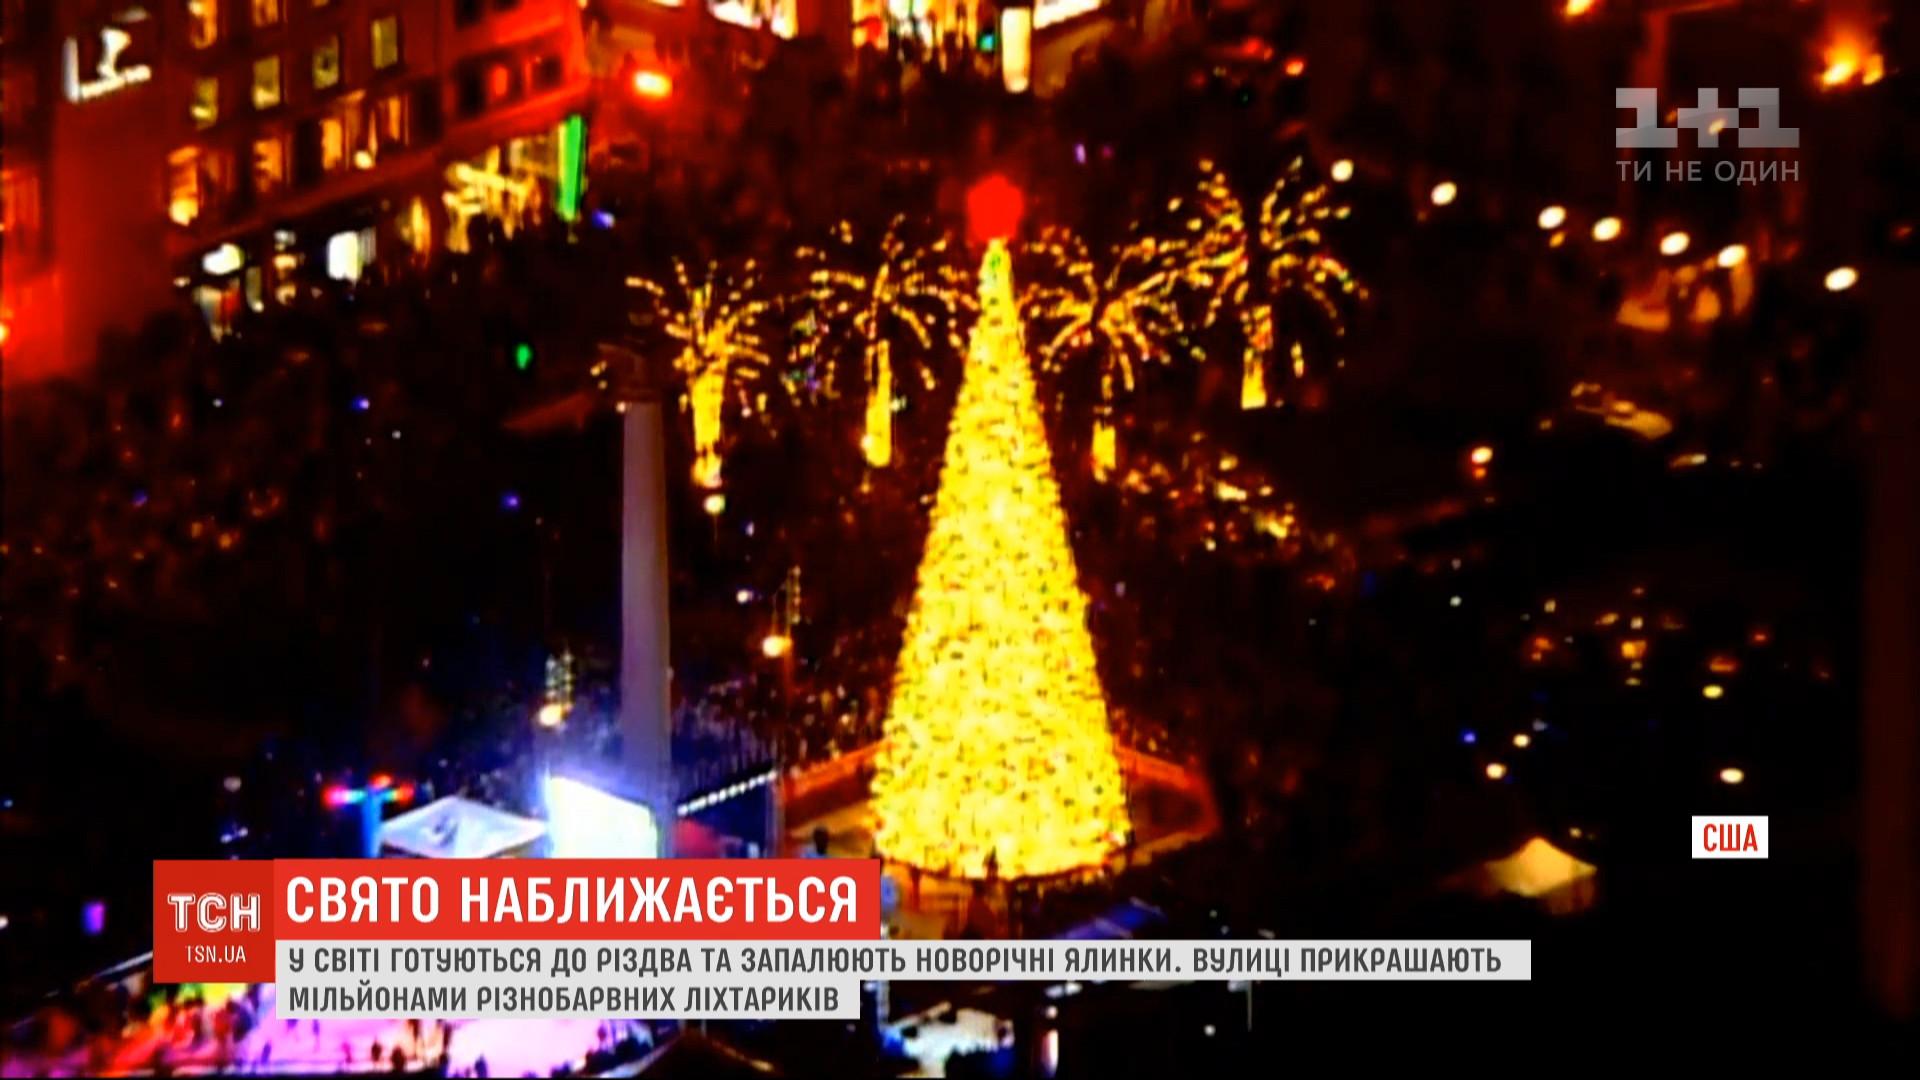 В Сан-Франциско установили елку, которую украсили 33 тысячами энергосберегающих фонариков / скриншот